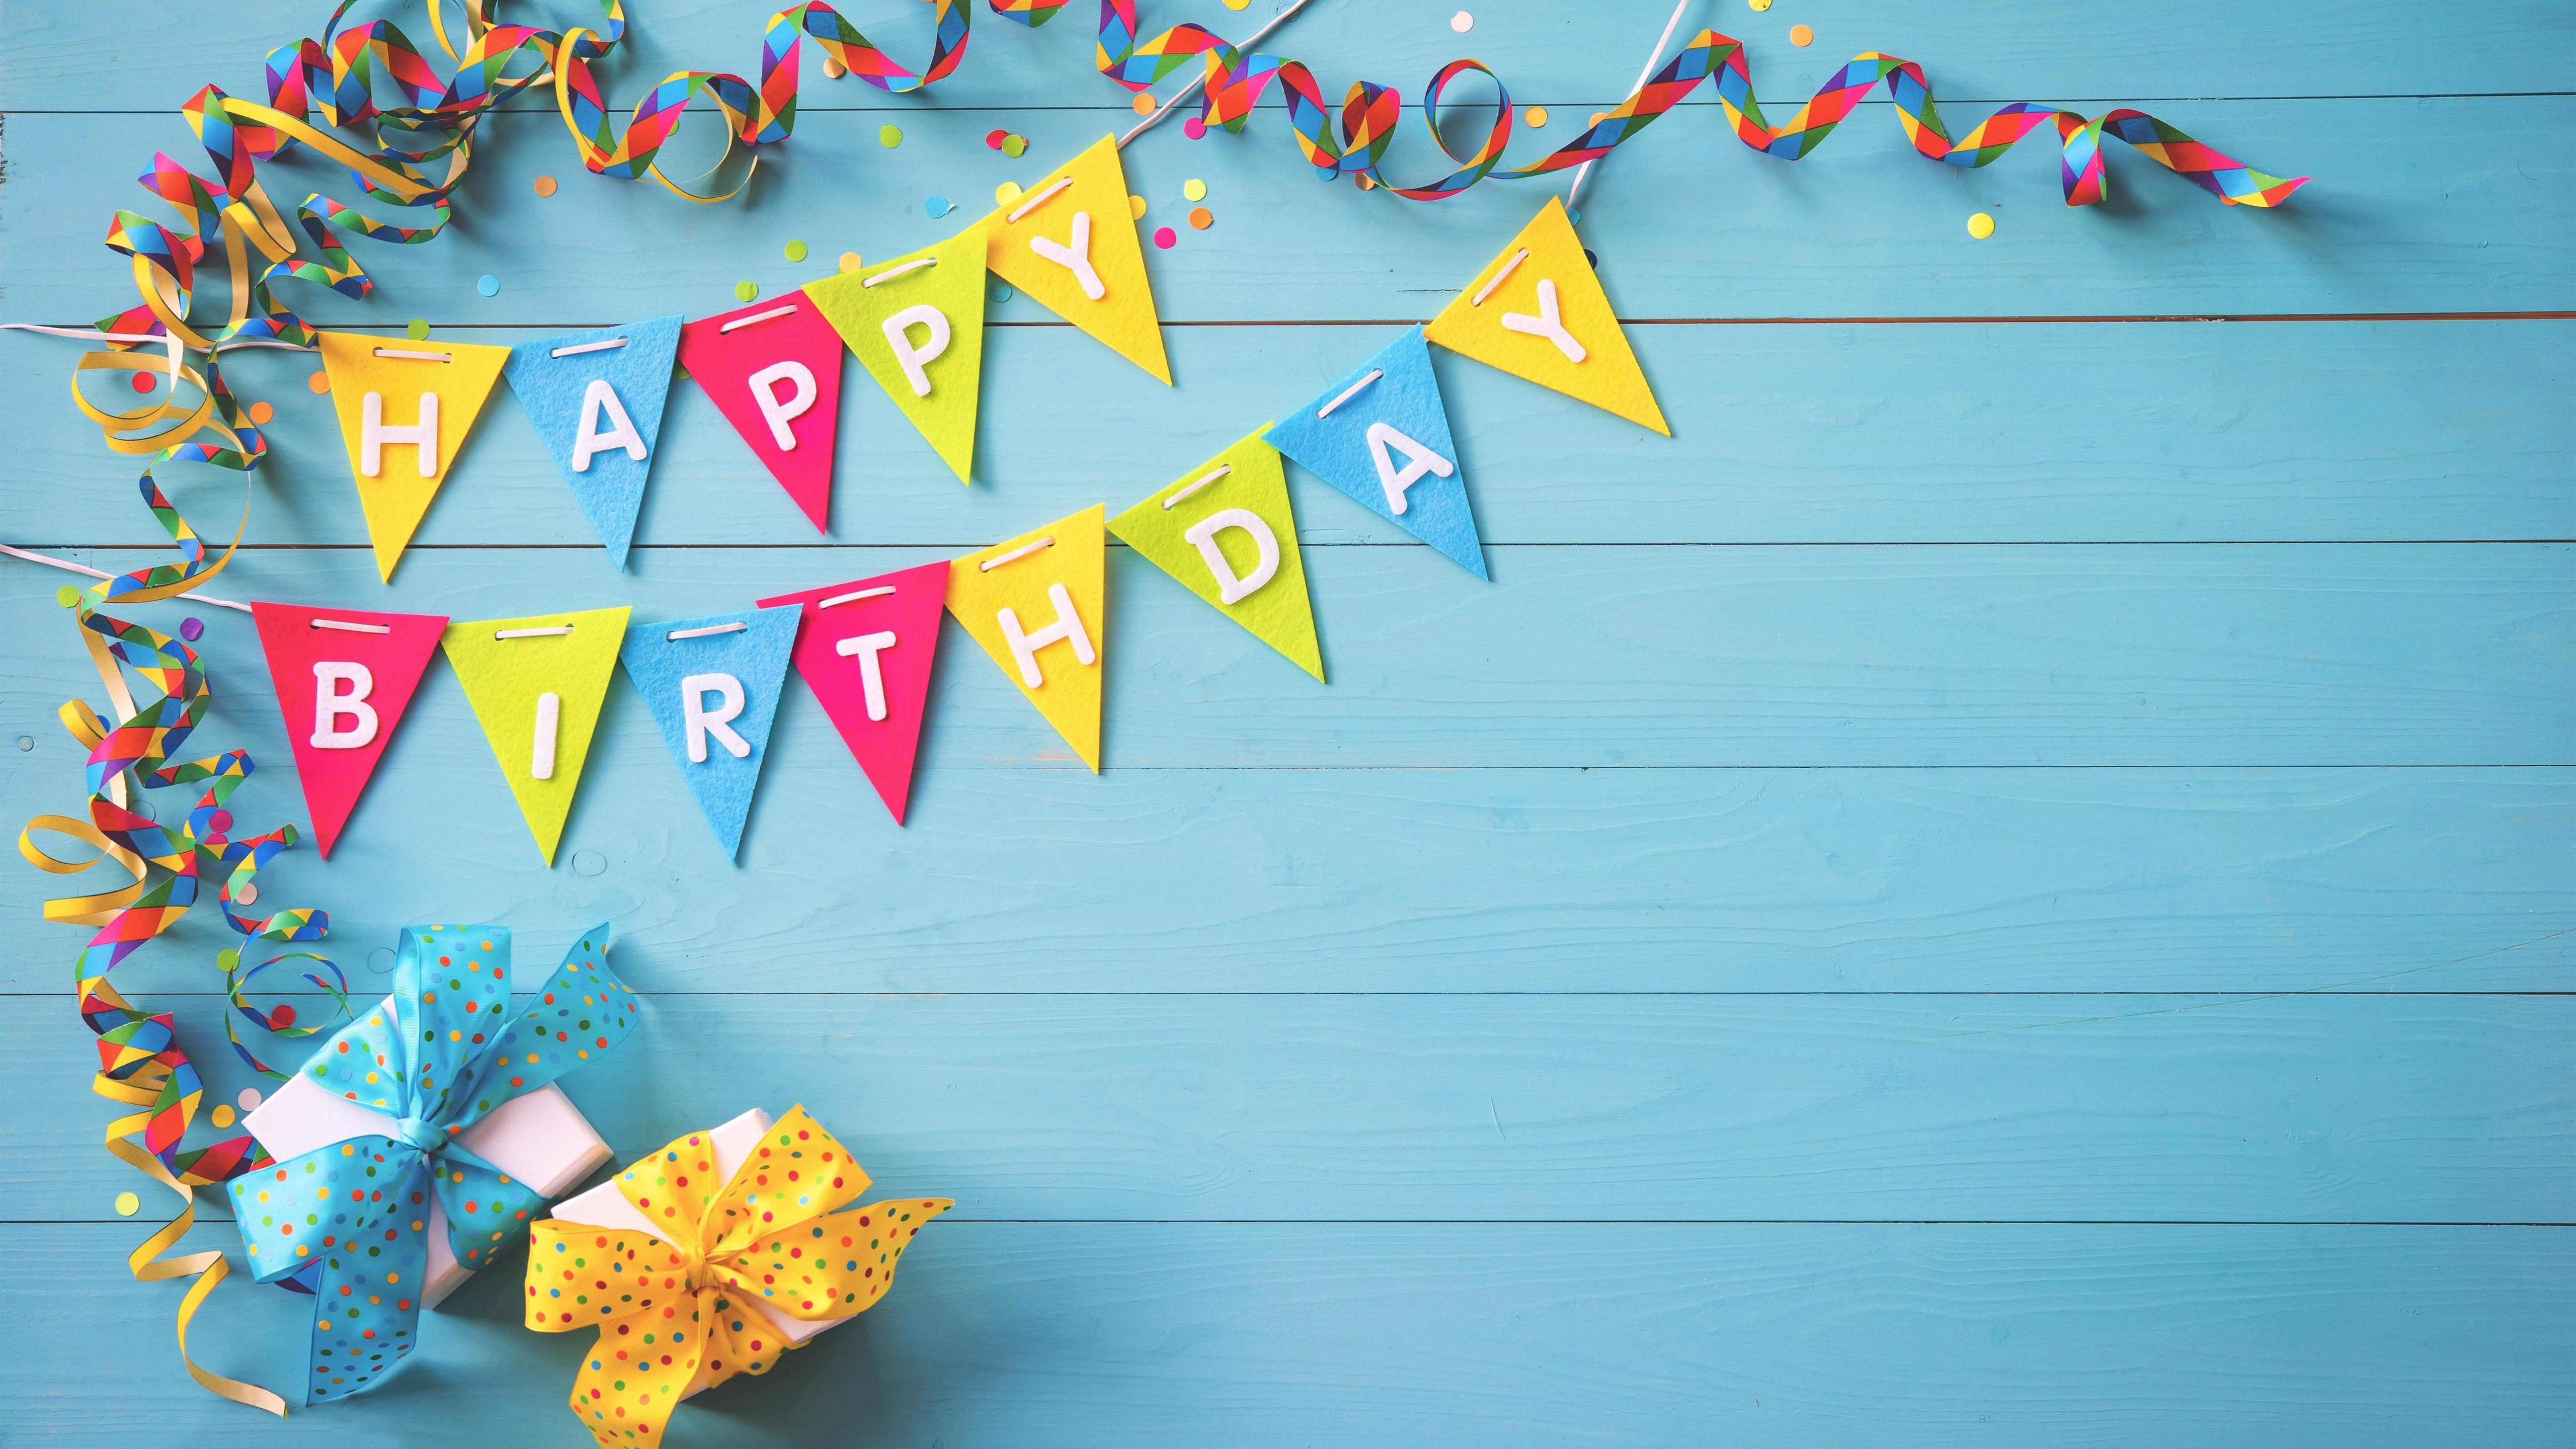 Feliz cumplea os coloridas banderas regalos cintas - Happy birthday wallpaper hd with name ...